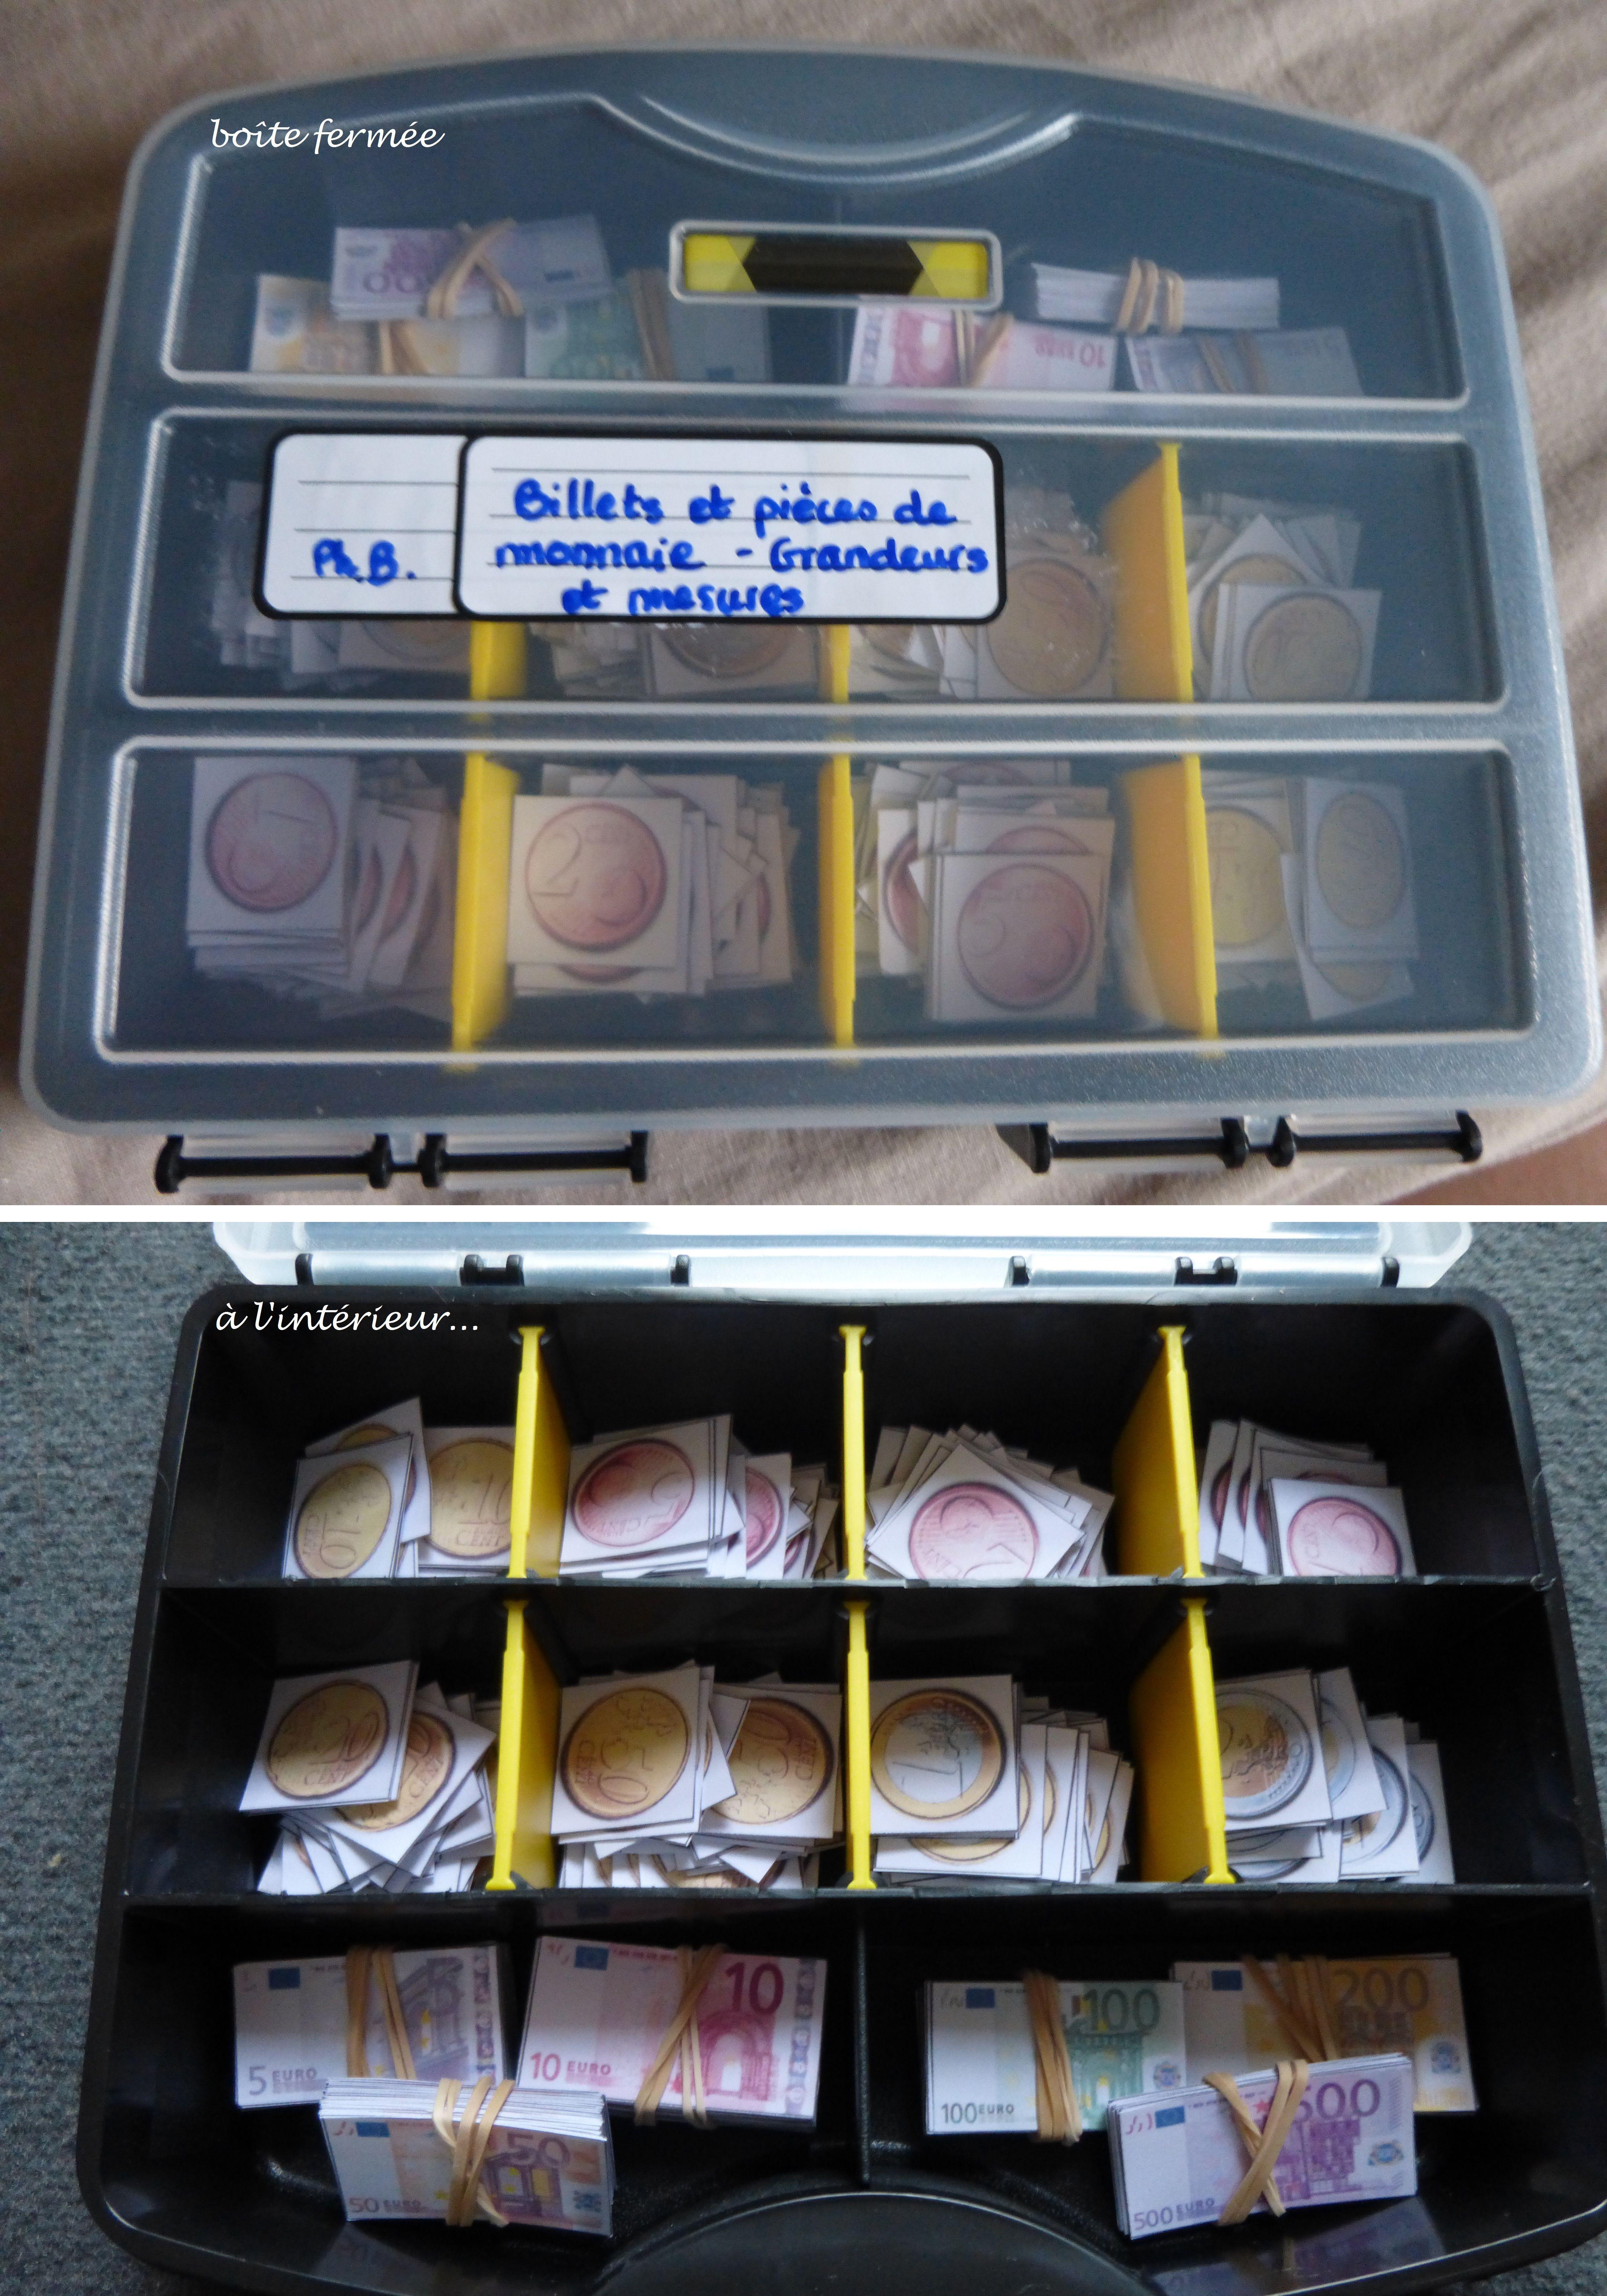 Boite De Rangement Avec Compartiments Pour Le Bricolage A La Base Ou Je Range Les Pieces Billets En Papiers Pour Les Sea Boite Boite De Rangement Monnaie